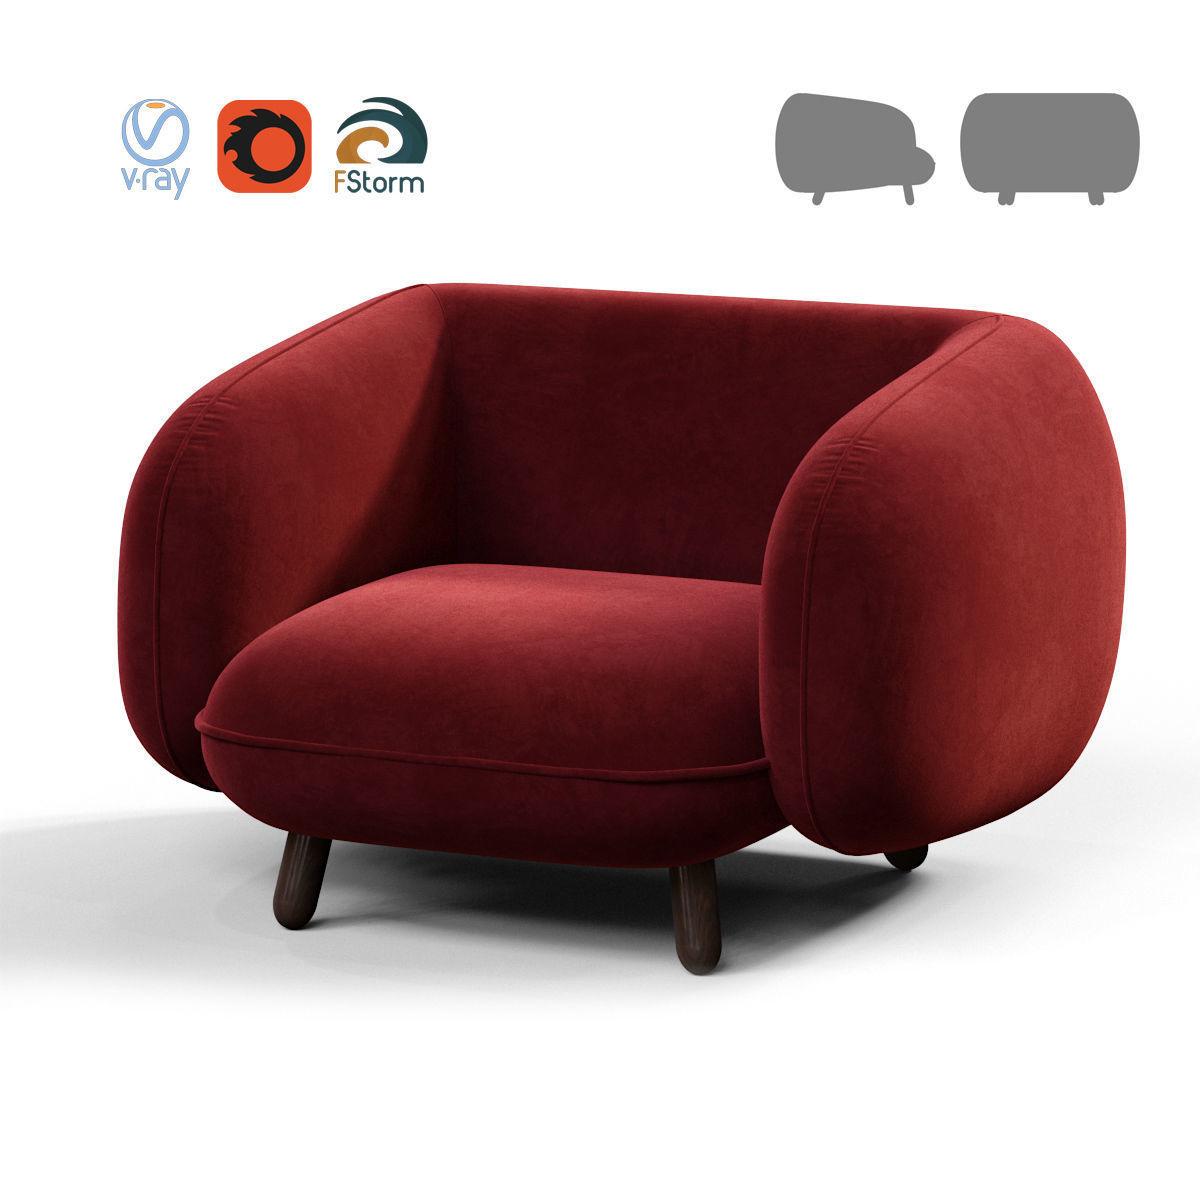 ISKOS Snoopy sofa 3D model MAX OBJ FBX